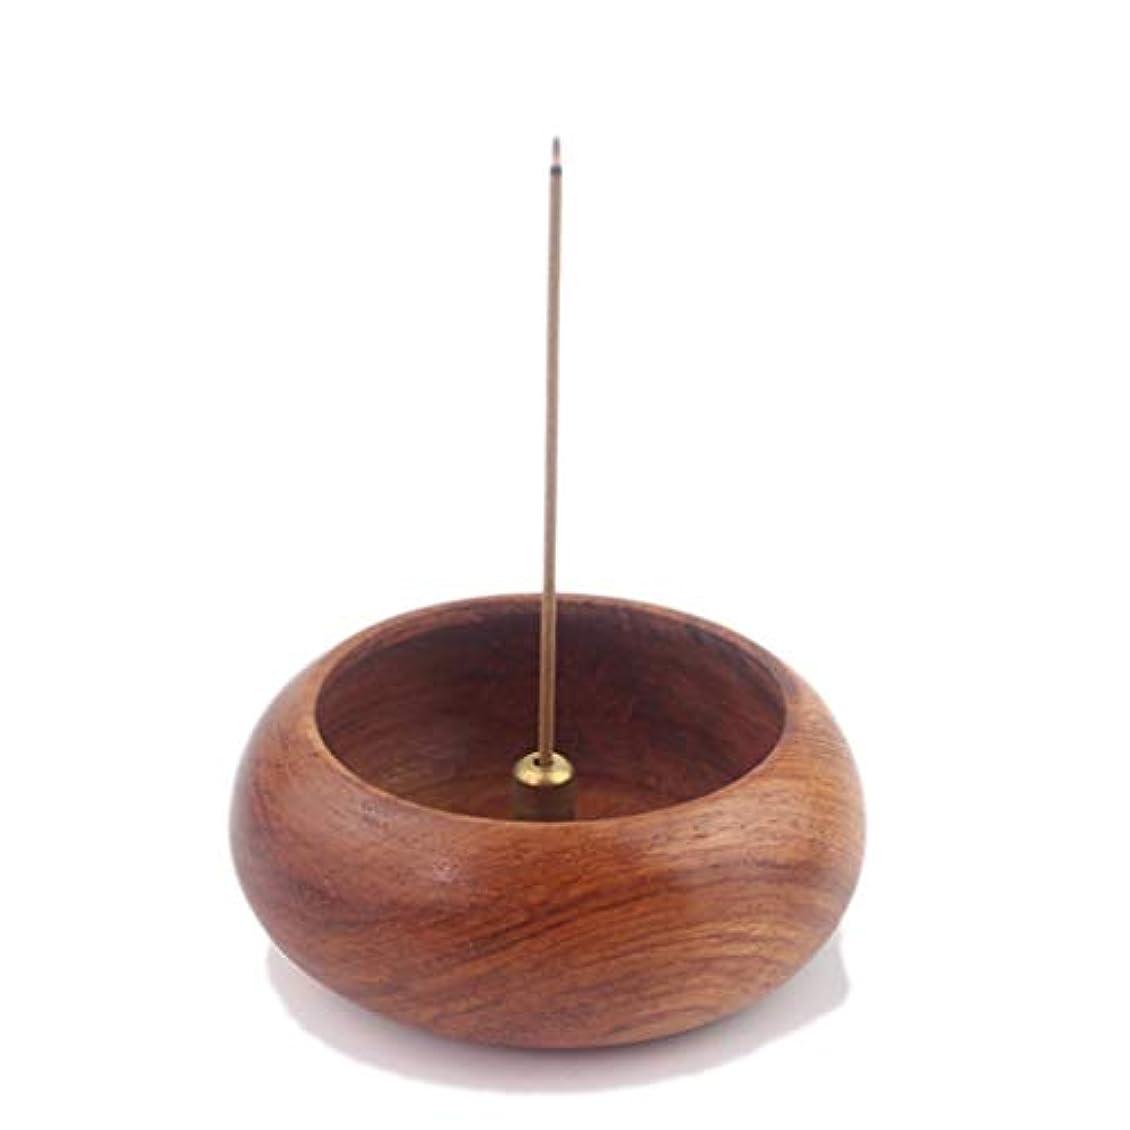 負エンティティ窓ローズウッドボウル型香炉ホルダーキャンドルアロマセラピー炉香ホルダーホームリビングルーム香バーナー装飾 (Color : Wood, サイズ : 6.2*2.4cm)